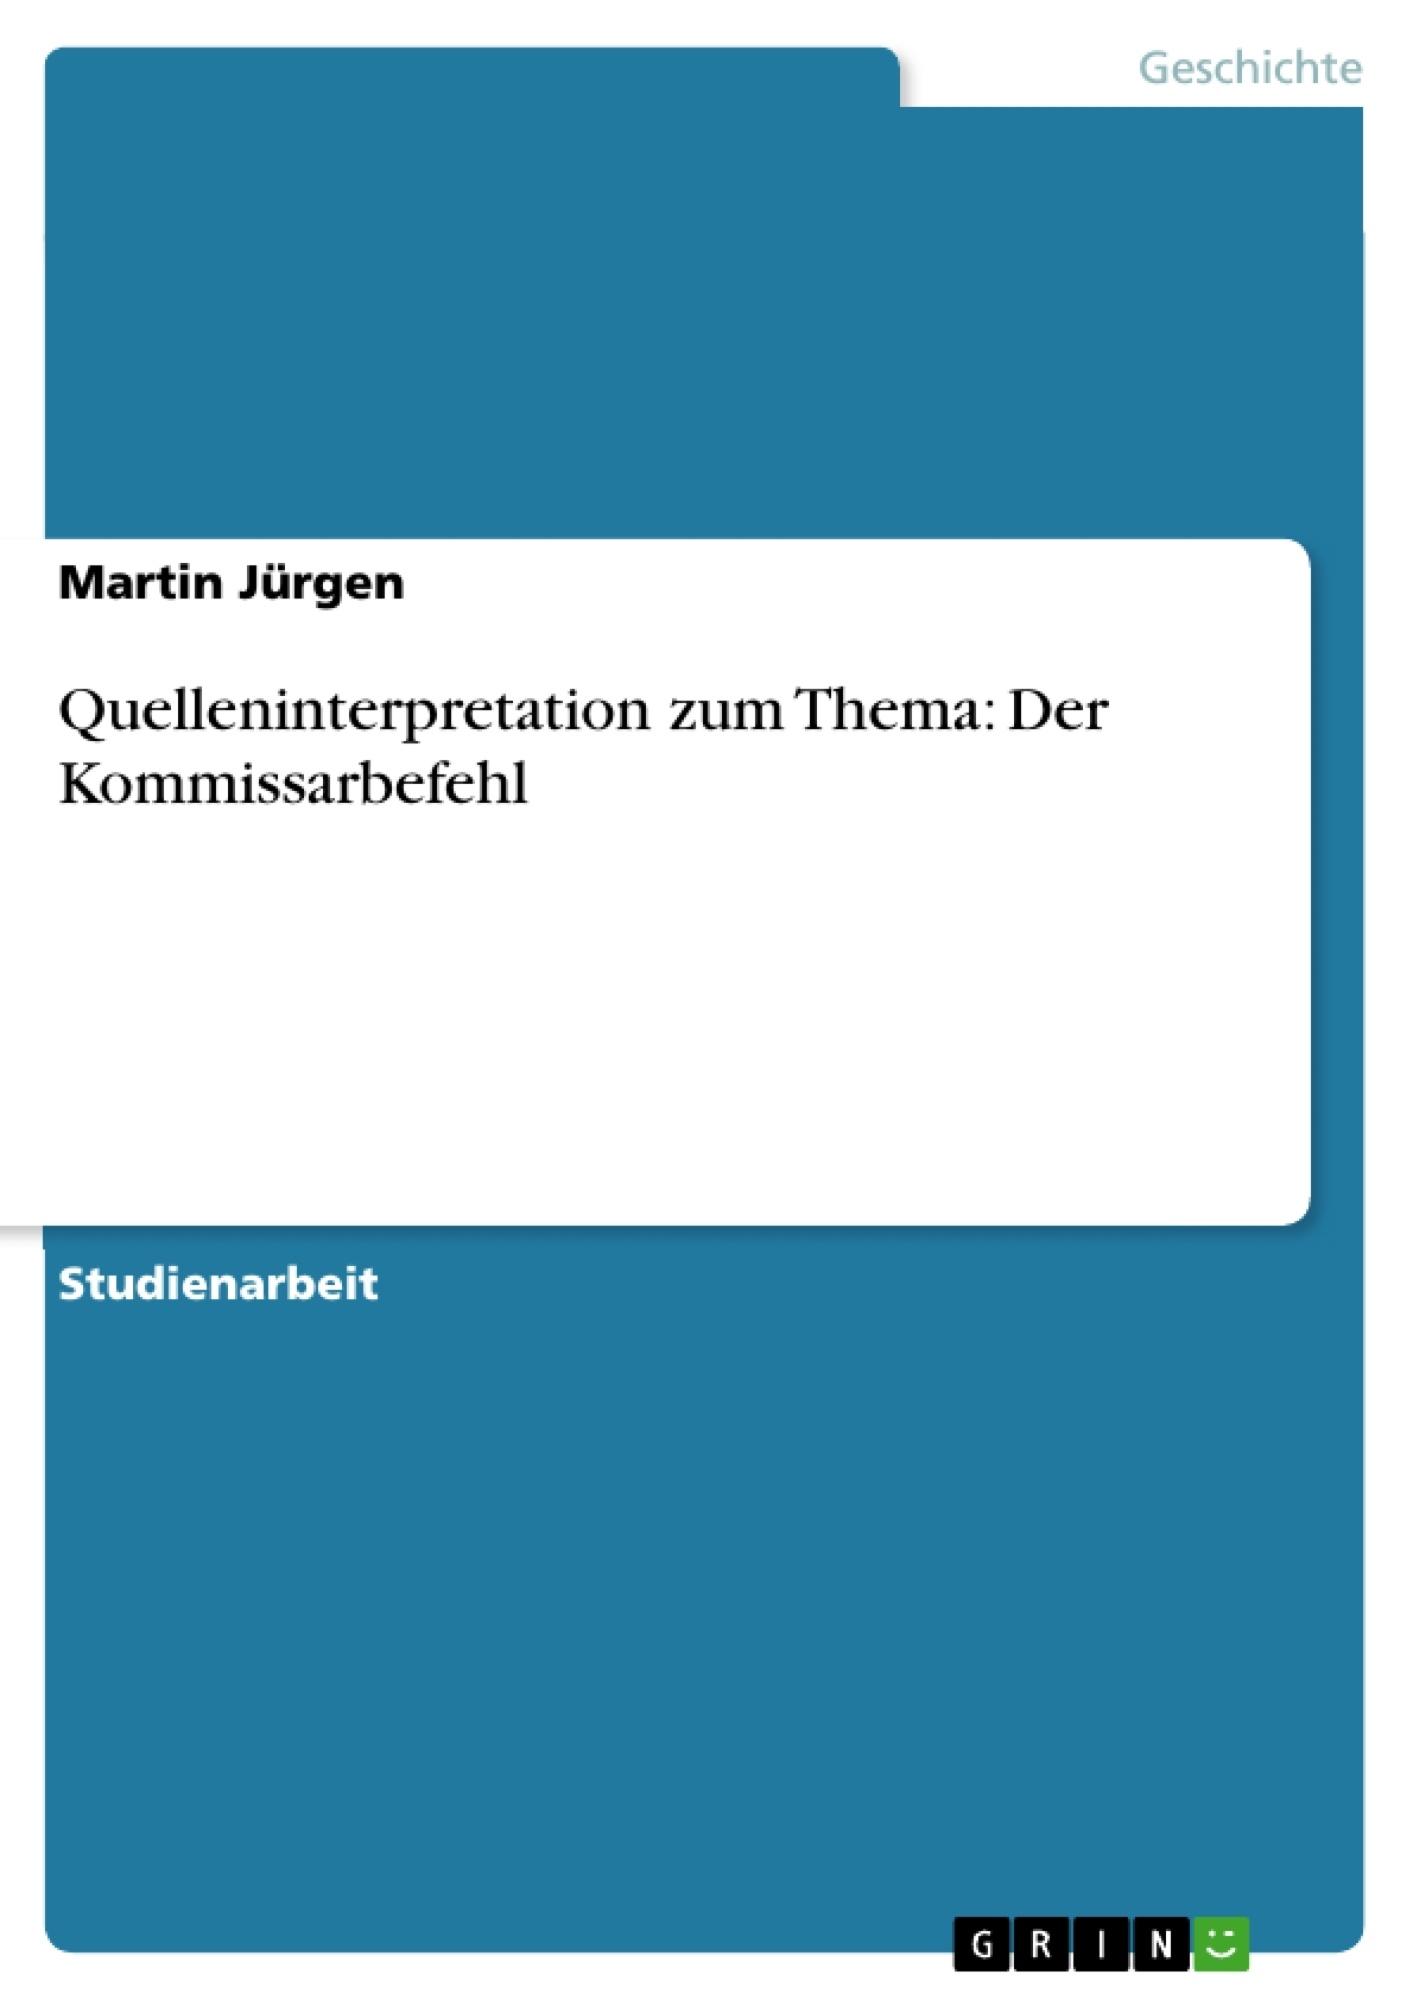 Titel: Quelleninterpretation zum Thema: Der Kommissarbefehl